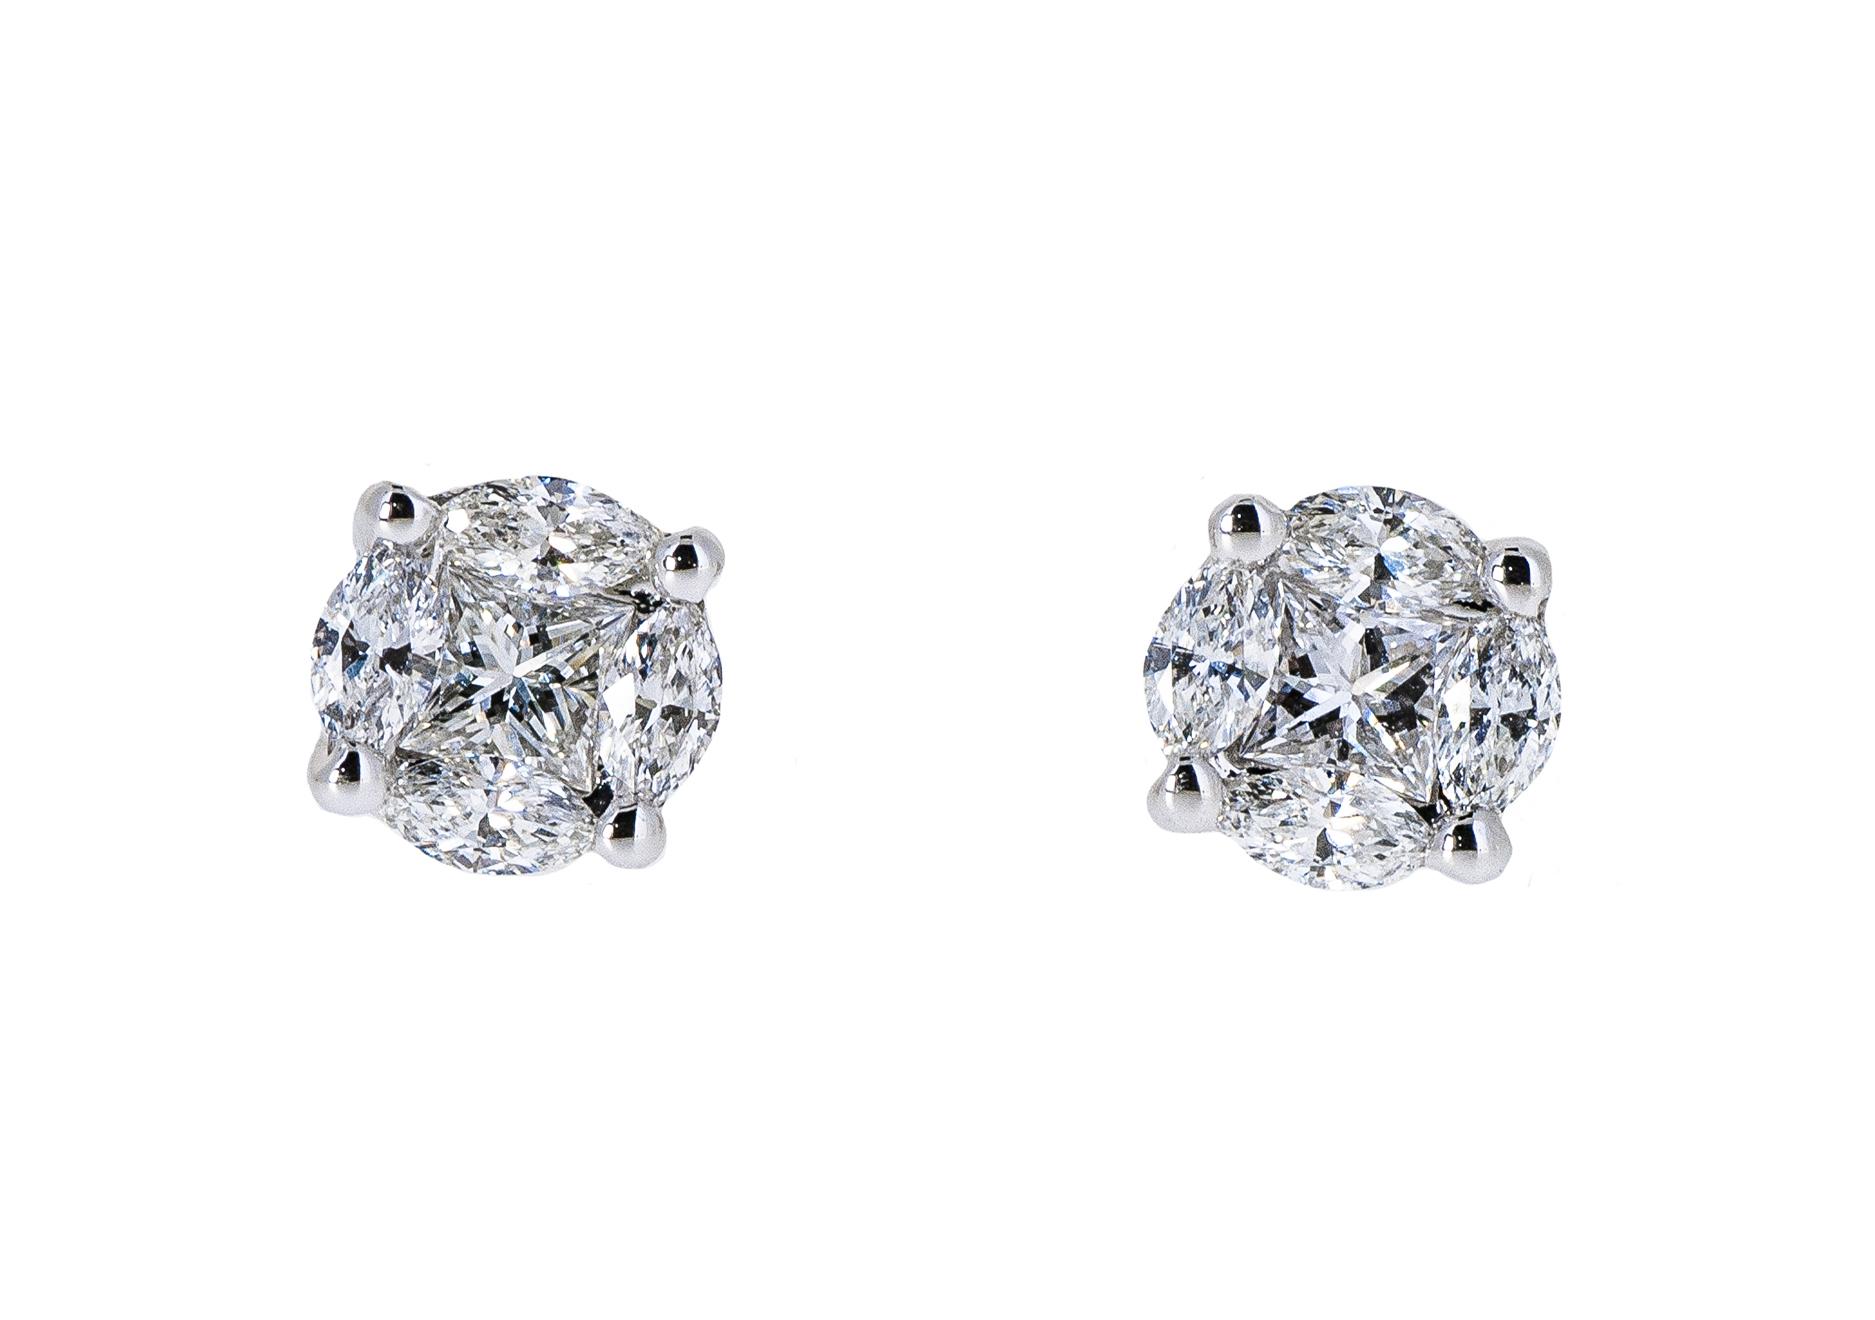 illusion set diamond stud earrings | B20760